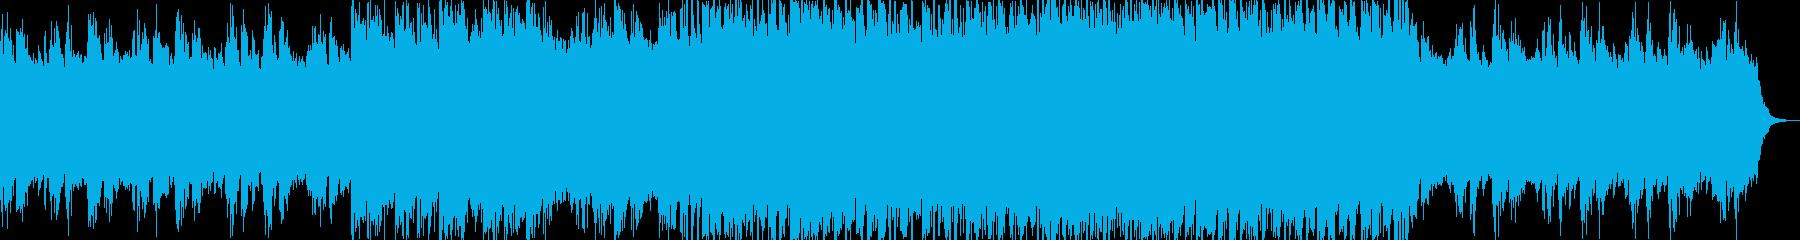 誠実・未来・希望・神々しいコーポレートBの再生済みの波形